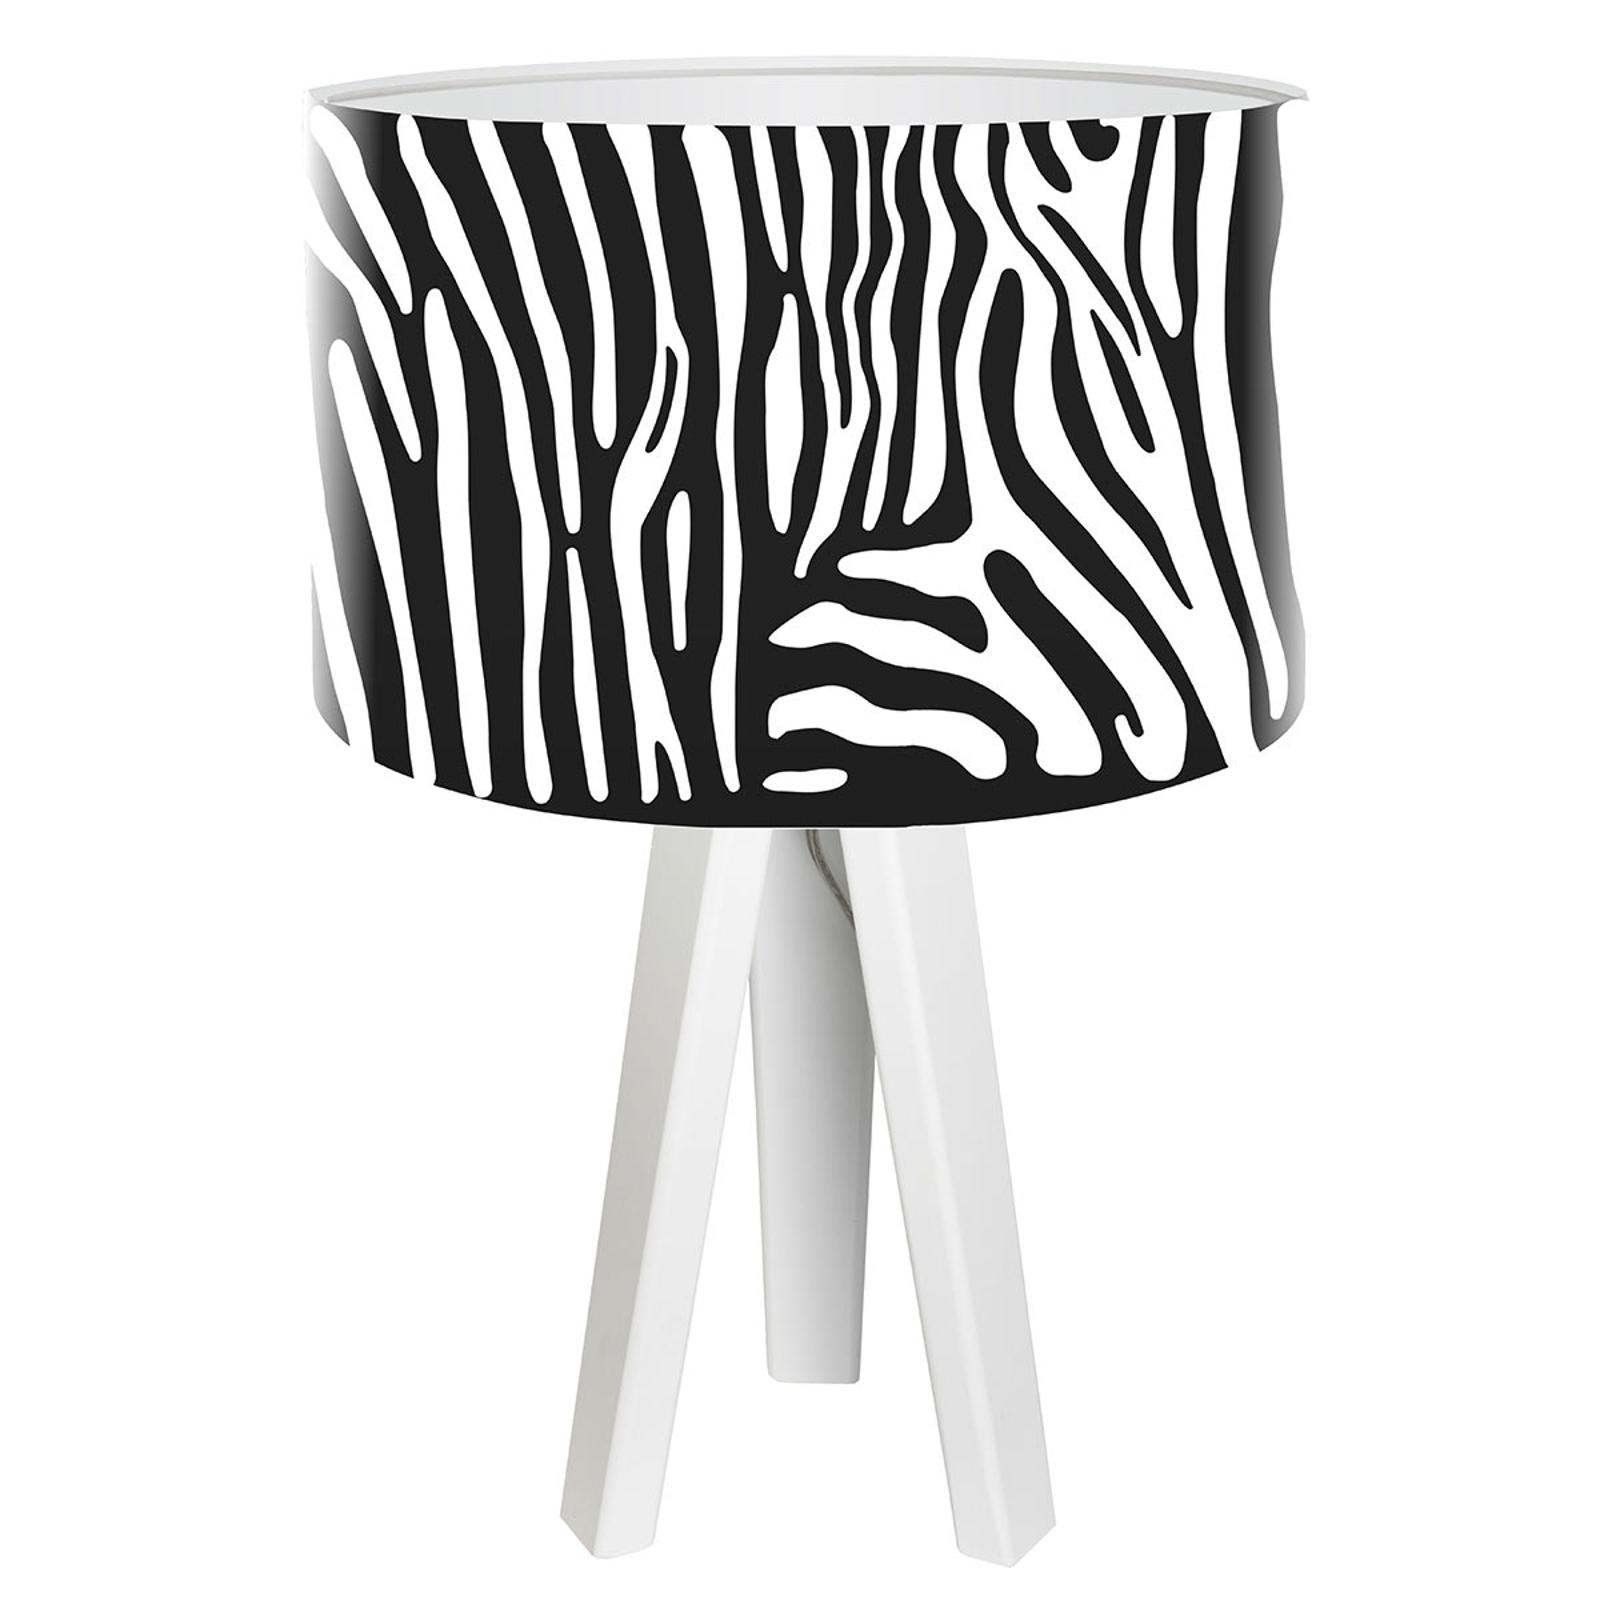 Trójnożna lampa stołowa Zola w stylu zebry